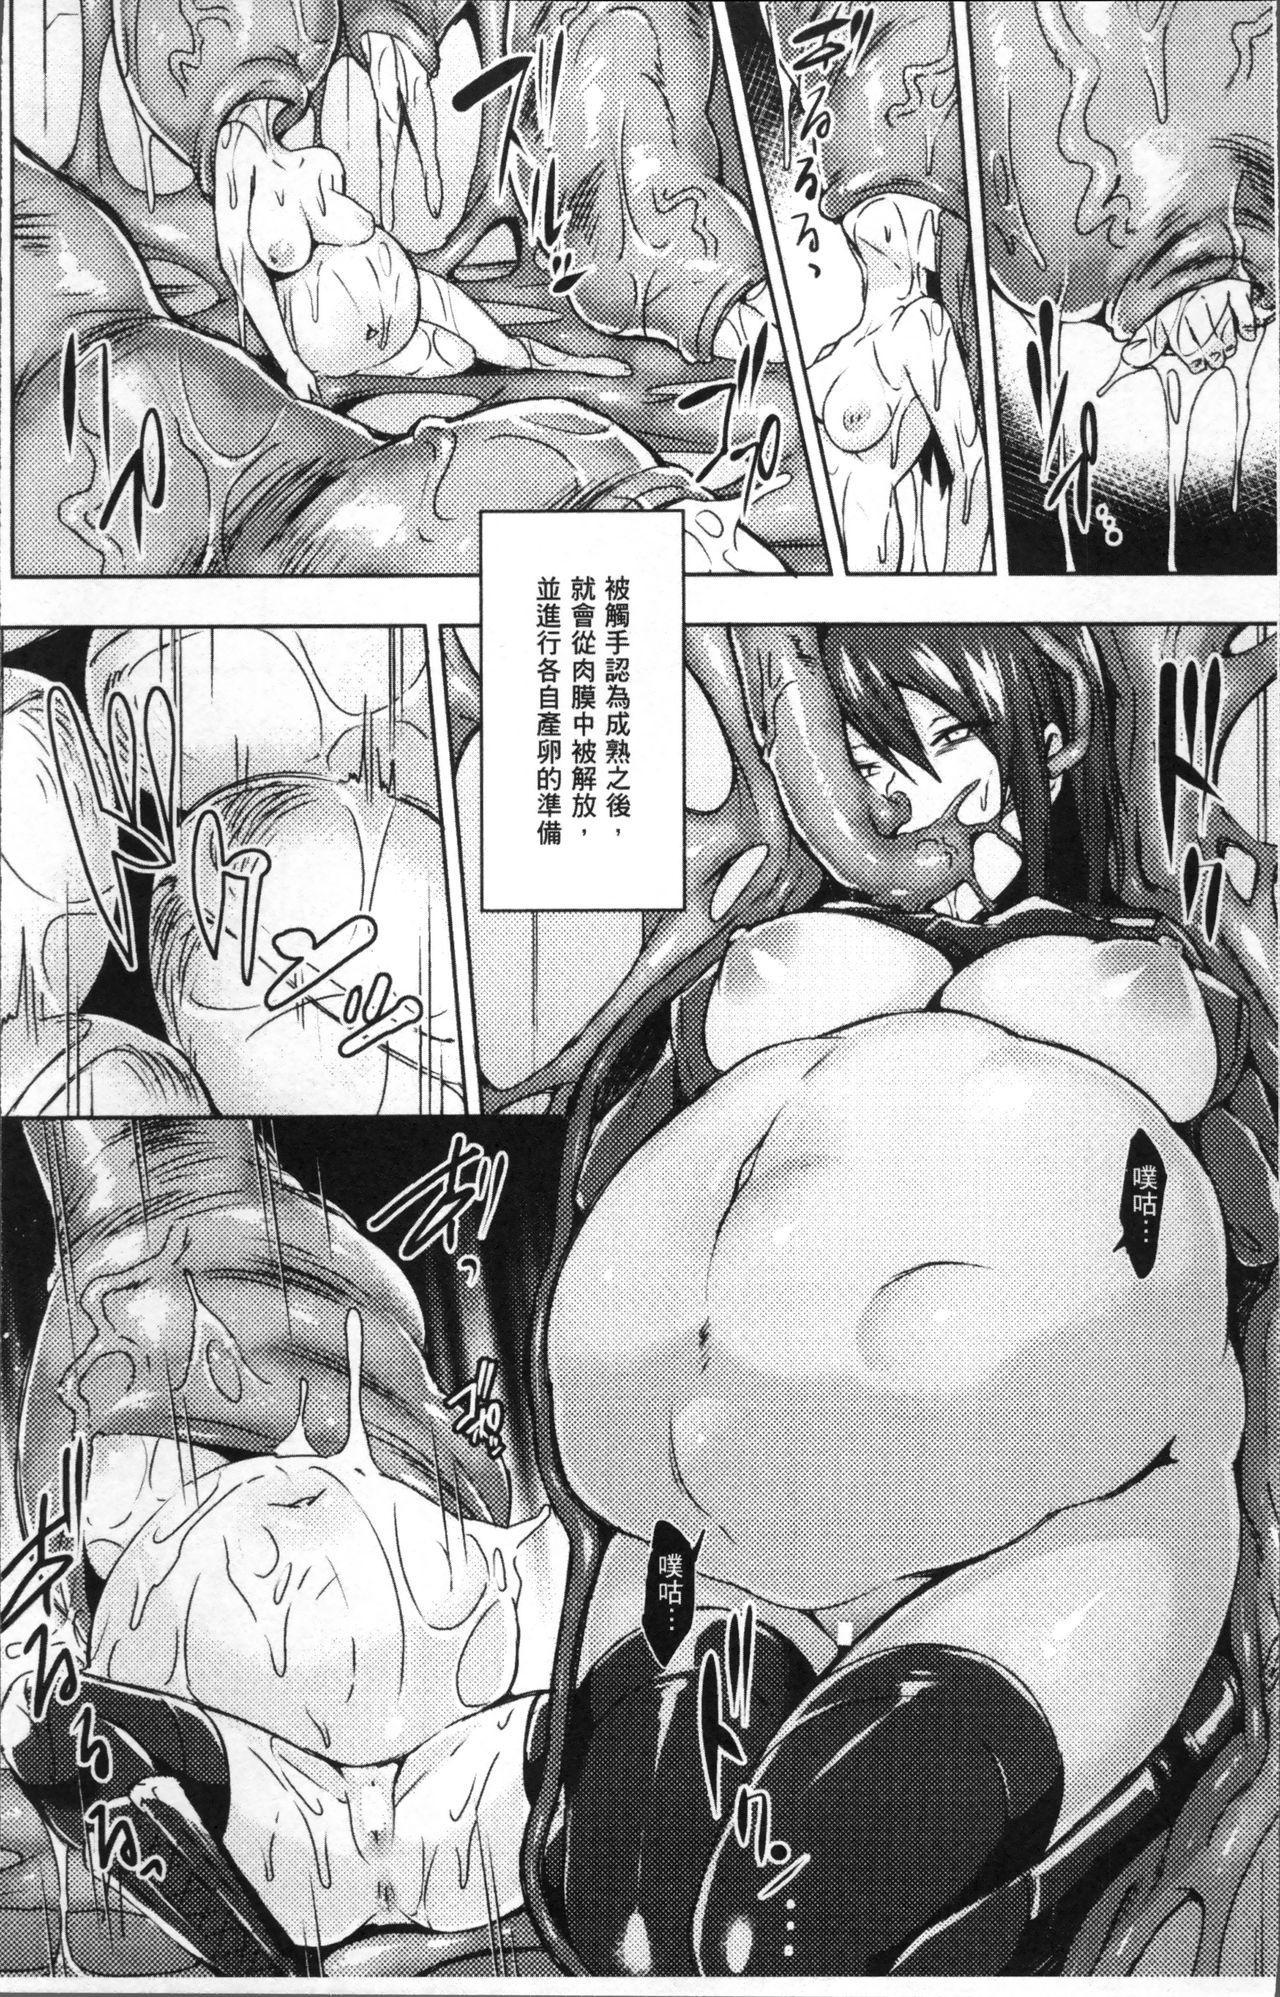 Bessatsu Comic Unreal Ningen Bokujou Hen 4 105